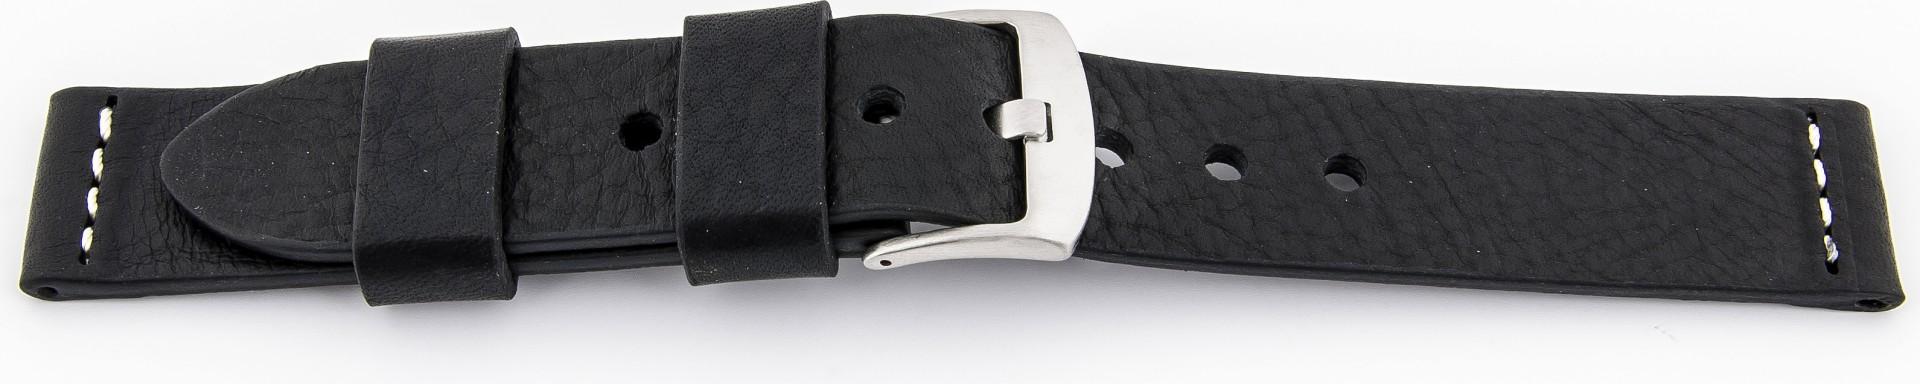 uhrenarmb nder ravenna xl extra lang kalbleder schwarz mit. Black Bedroom Furniture Sets. Home Design Ideas